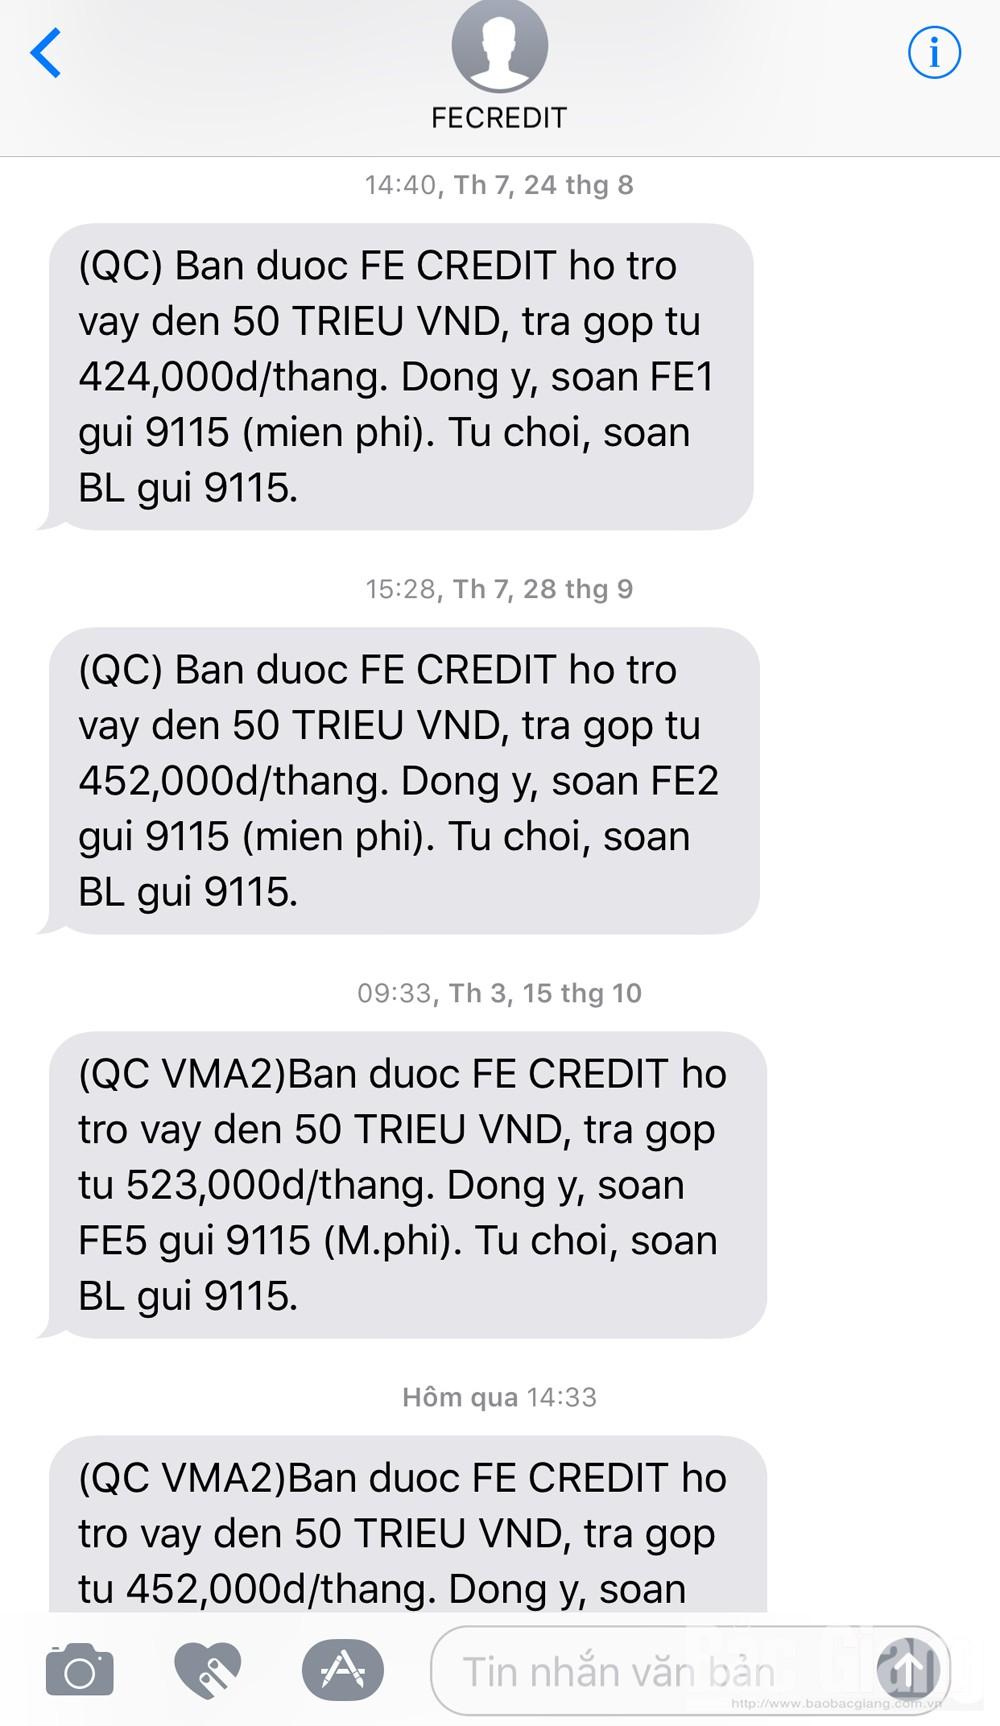 Tin nhắn rác, xử lý tin nhắn rác, sin rác, phiền hà tin nhắn rác, Sở Thông tin và Truyền thông Bắc Giang